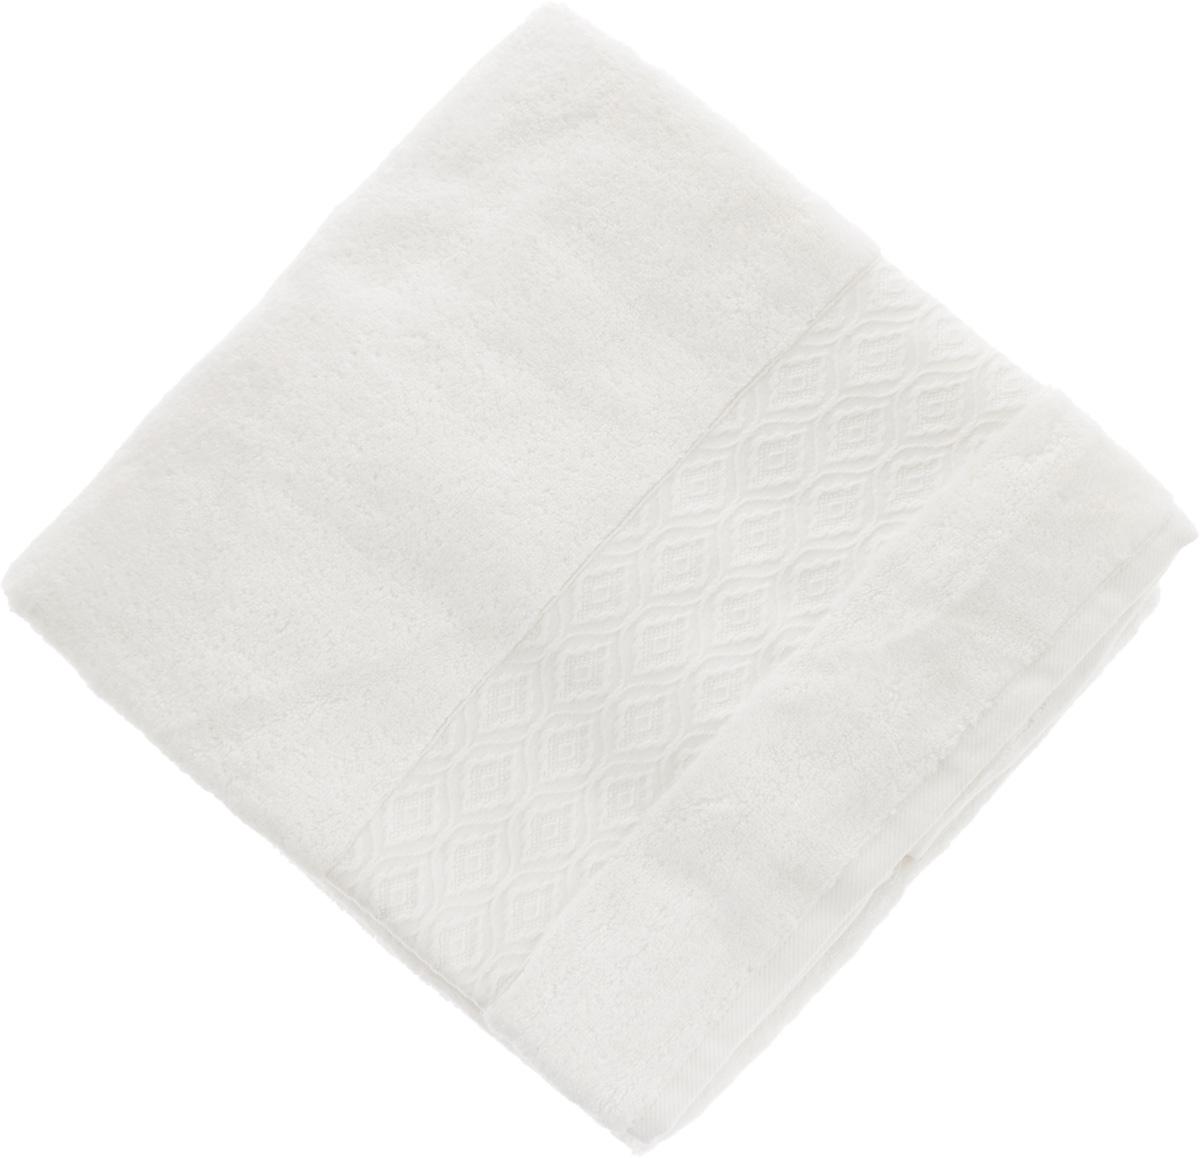 Полотенце Issimo Home Delphine, цвет: белый, 90 x 150 см19201Полотенце Issimo Home Delphine выполнено из модала и хлопка. Такое полотенце обладает уникальными свойствами и характеристиками. Необычайная мягкость модала и шелковистый блеск делают изделие приятными на ощупь и практичными в использовании. Моментально впитывает влагу, сохраняет невесомость даже в мокром виде, быстро сохнет. Полотенце декорировано жаккардовым узором.